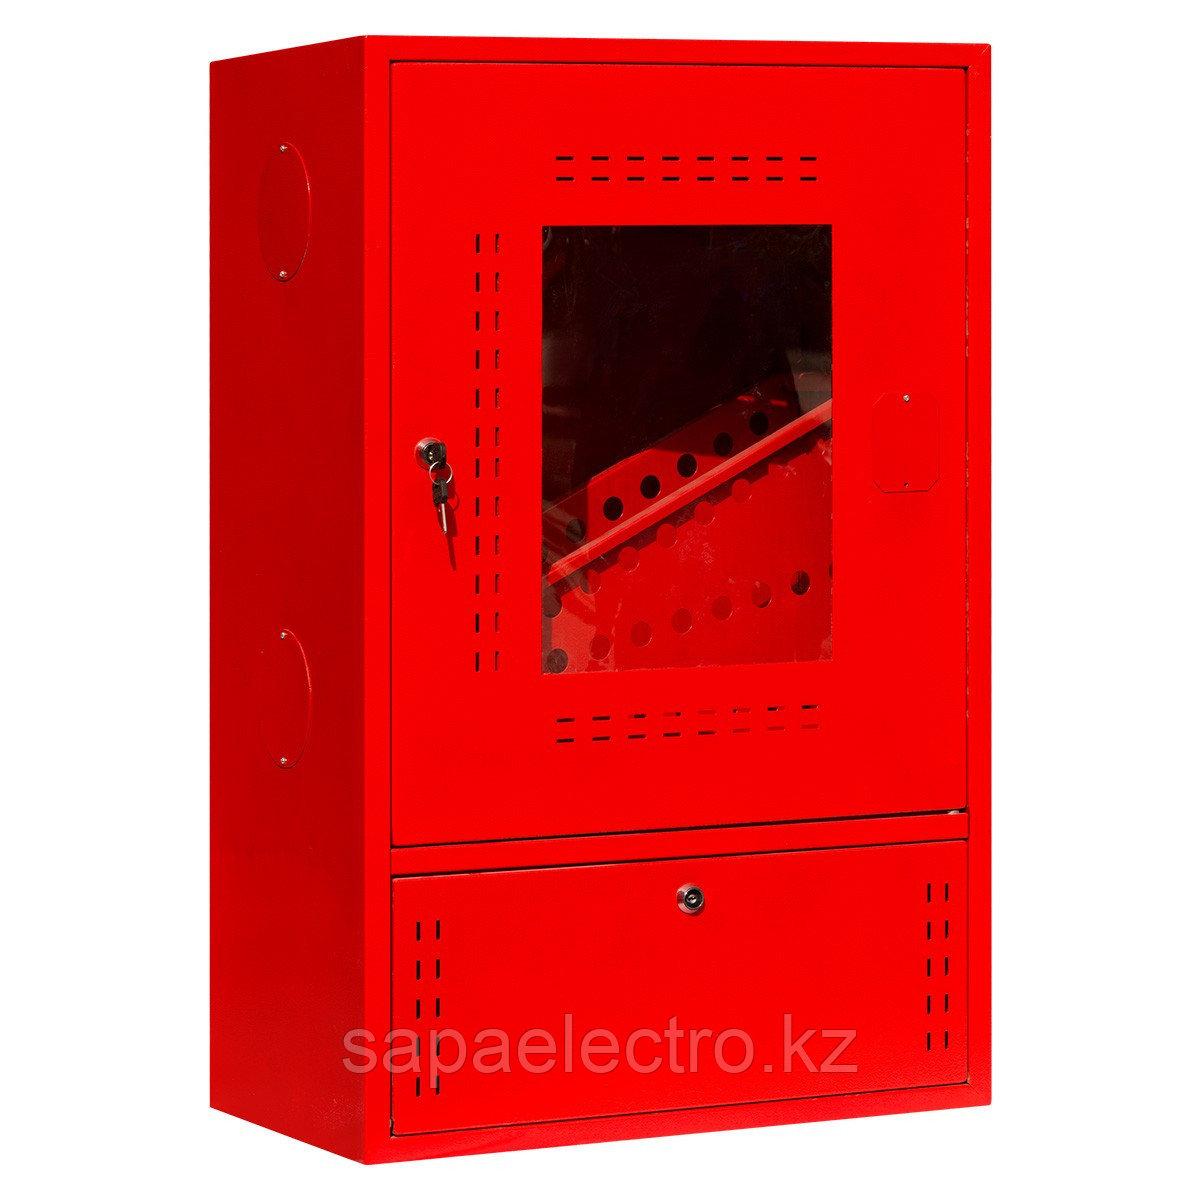 Метал. Щит Пожарный Красный (870x540x330) S/U MGL(T